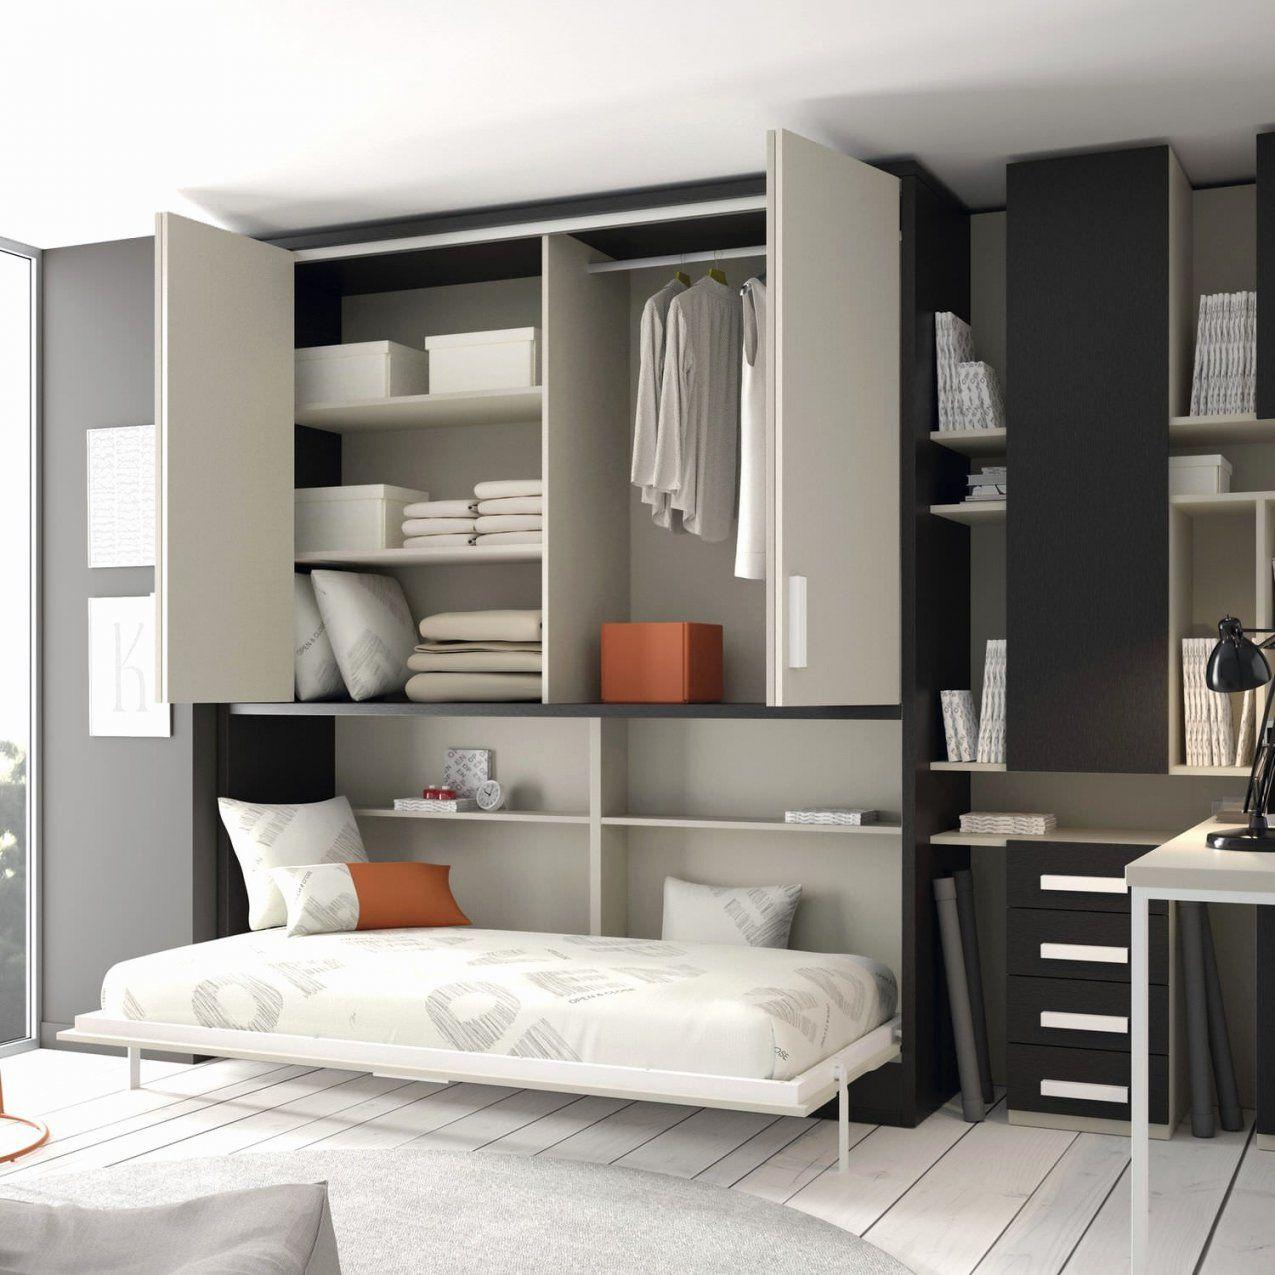 Inspirational Klappbett Mit Sofa Best Of Schrankbett 140×200 Selber von Schrankbett 140X200 Selber Bauen Photo